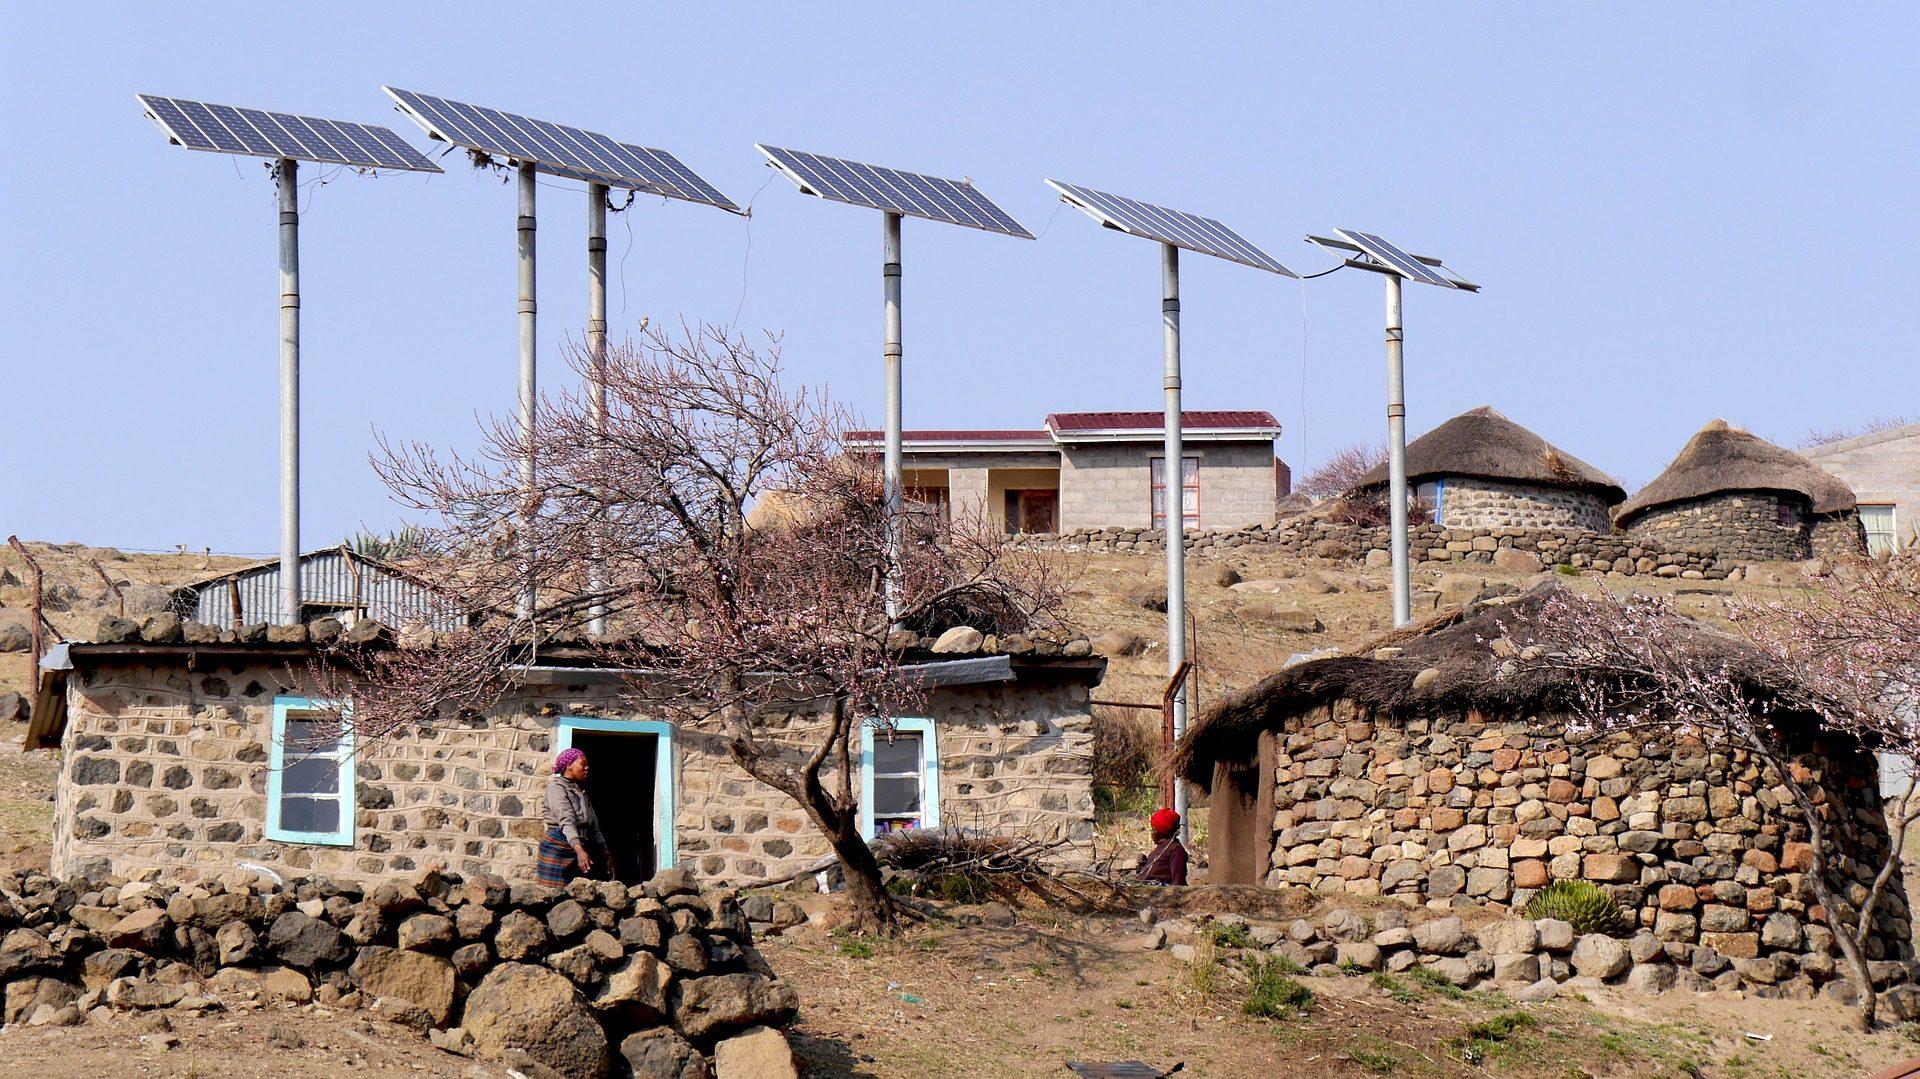 Nutzung von Solarenergie in Lesotho